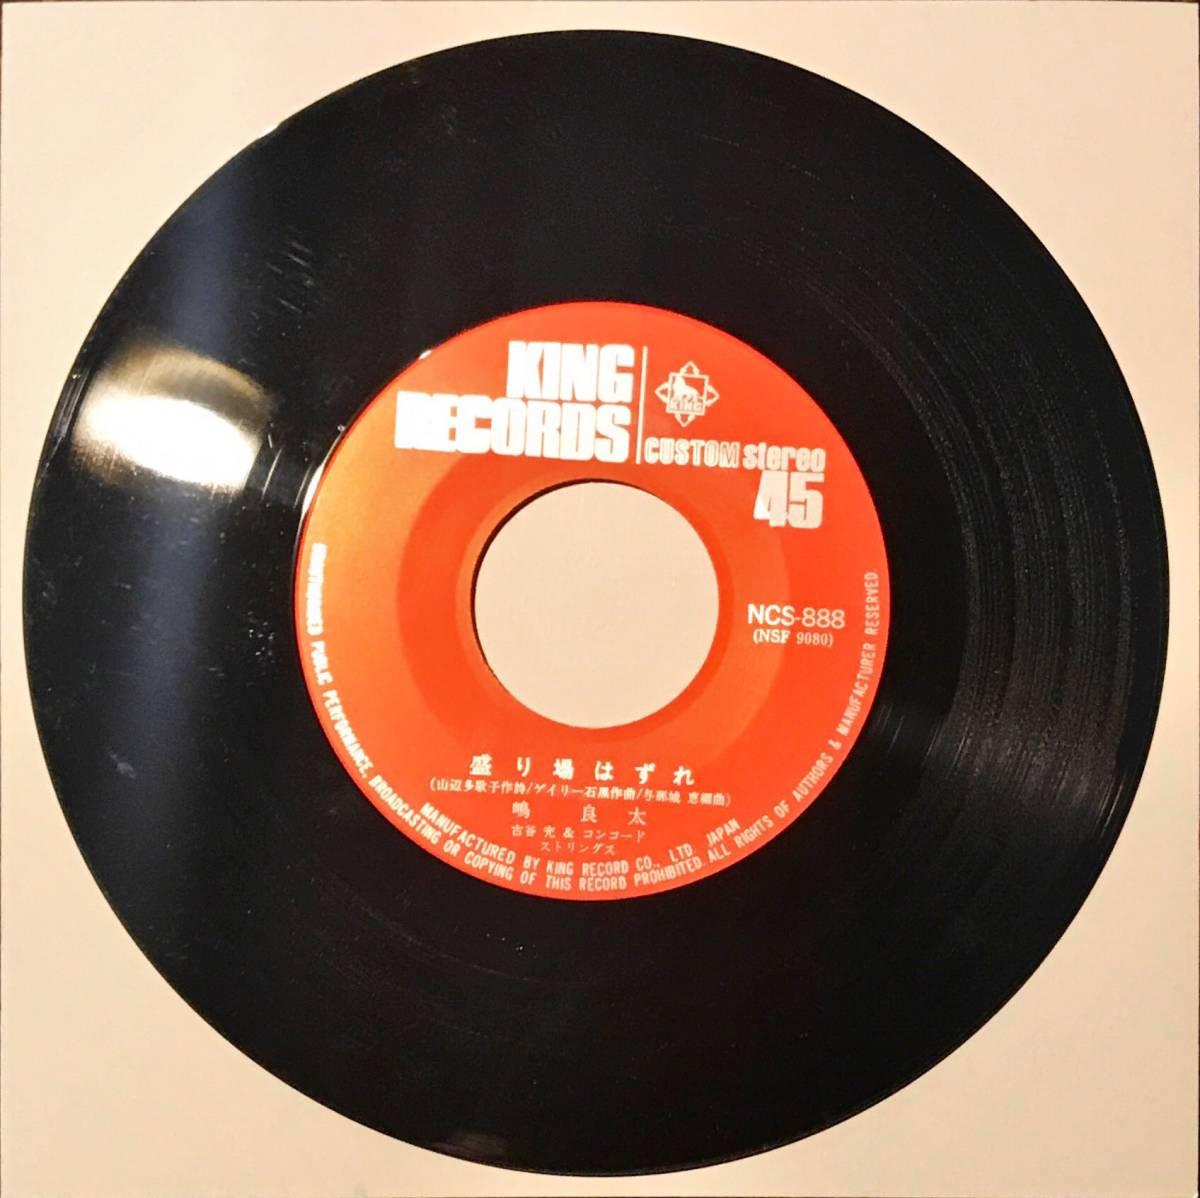 [試聴]和モノ自主盤マイナー演歌 嶋良太 // 女のさが / 盛り場はずれ ディープ歌謡 [EP]NCS888古谷充B級レコード ムードmood盤 企画 7_画像4